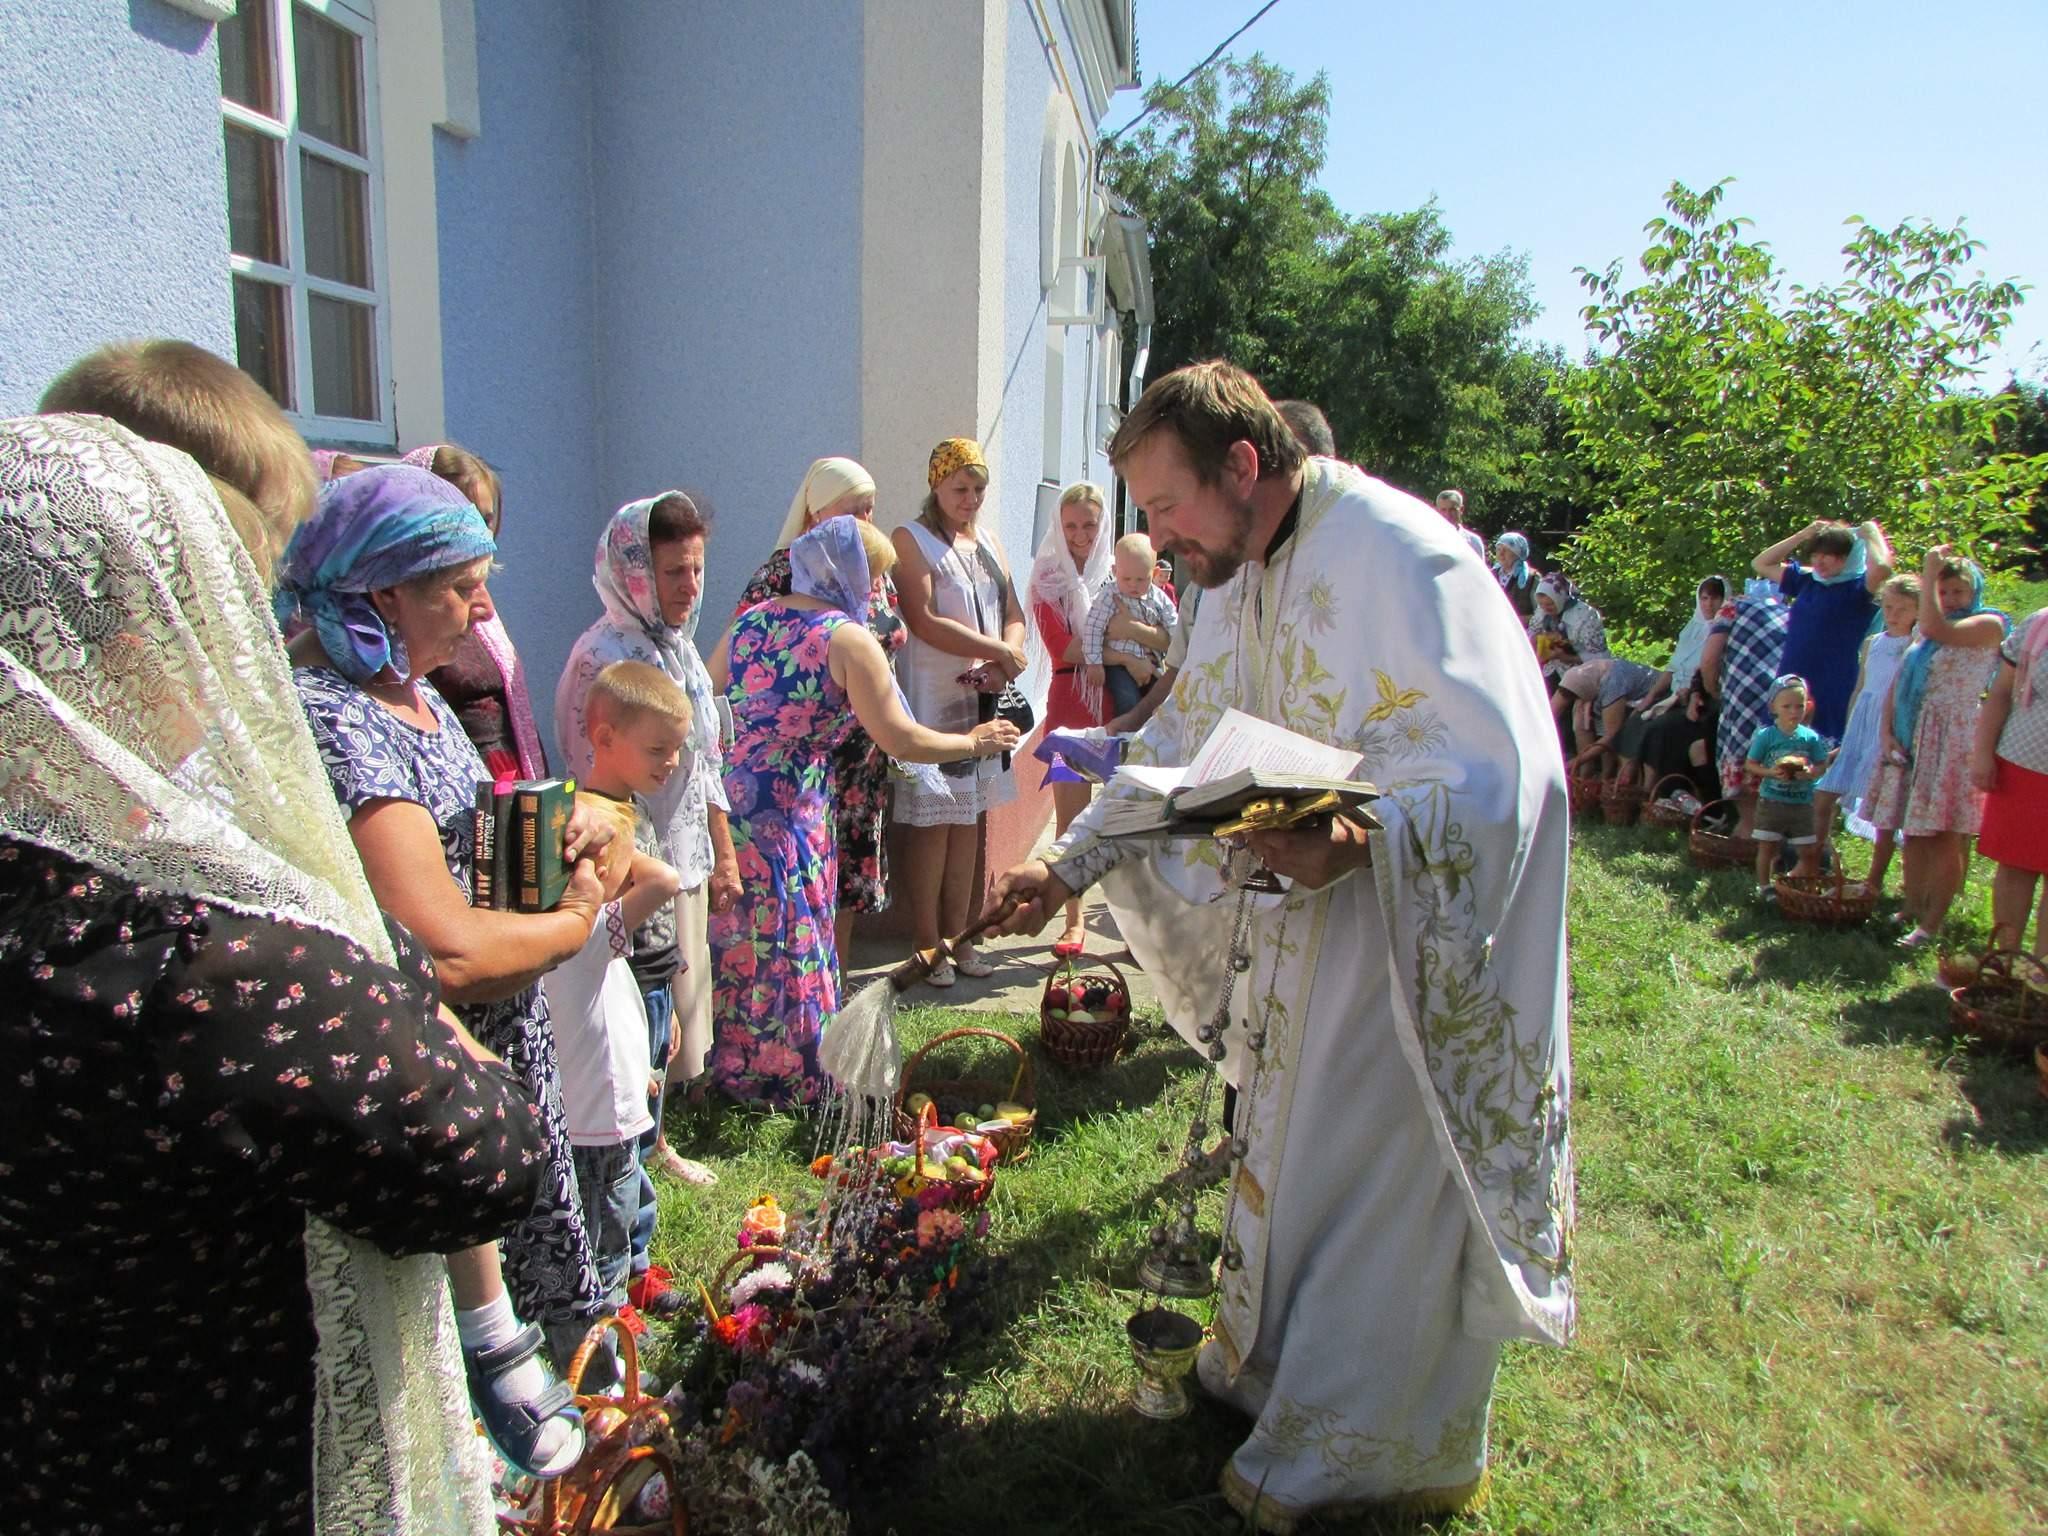 Новини Вінниці / Третя релігійна громада ПЦУ на Вінниччині освятила і підняла біля храму національний прапор (ФОТО)